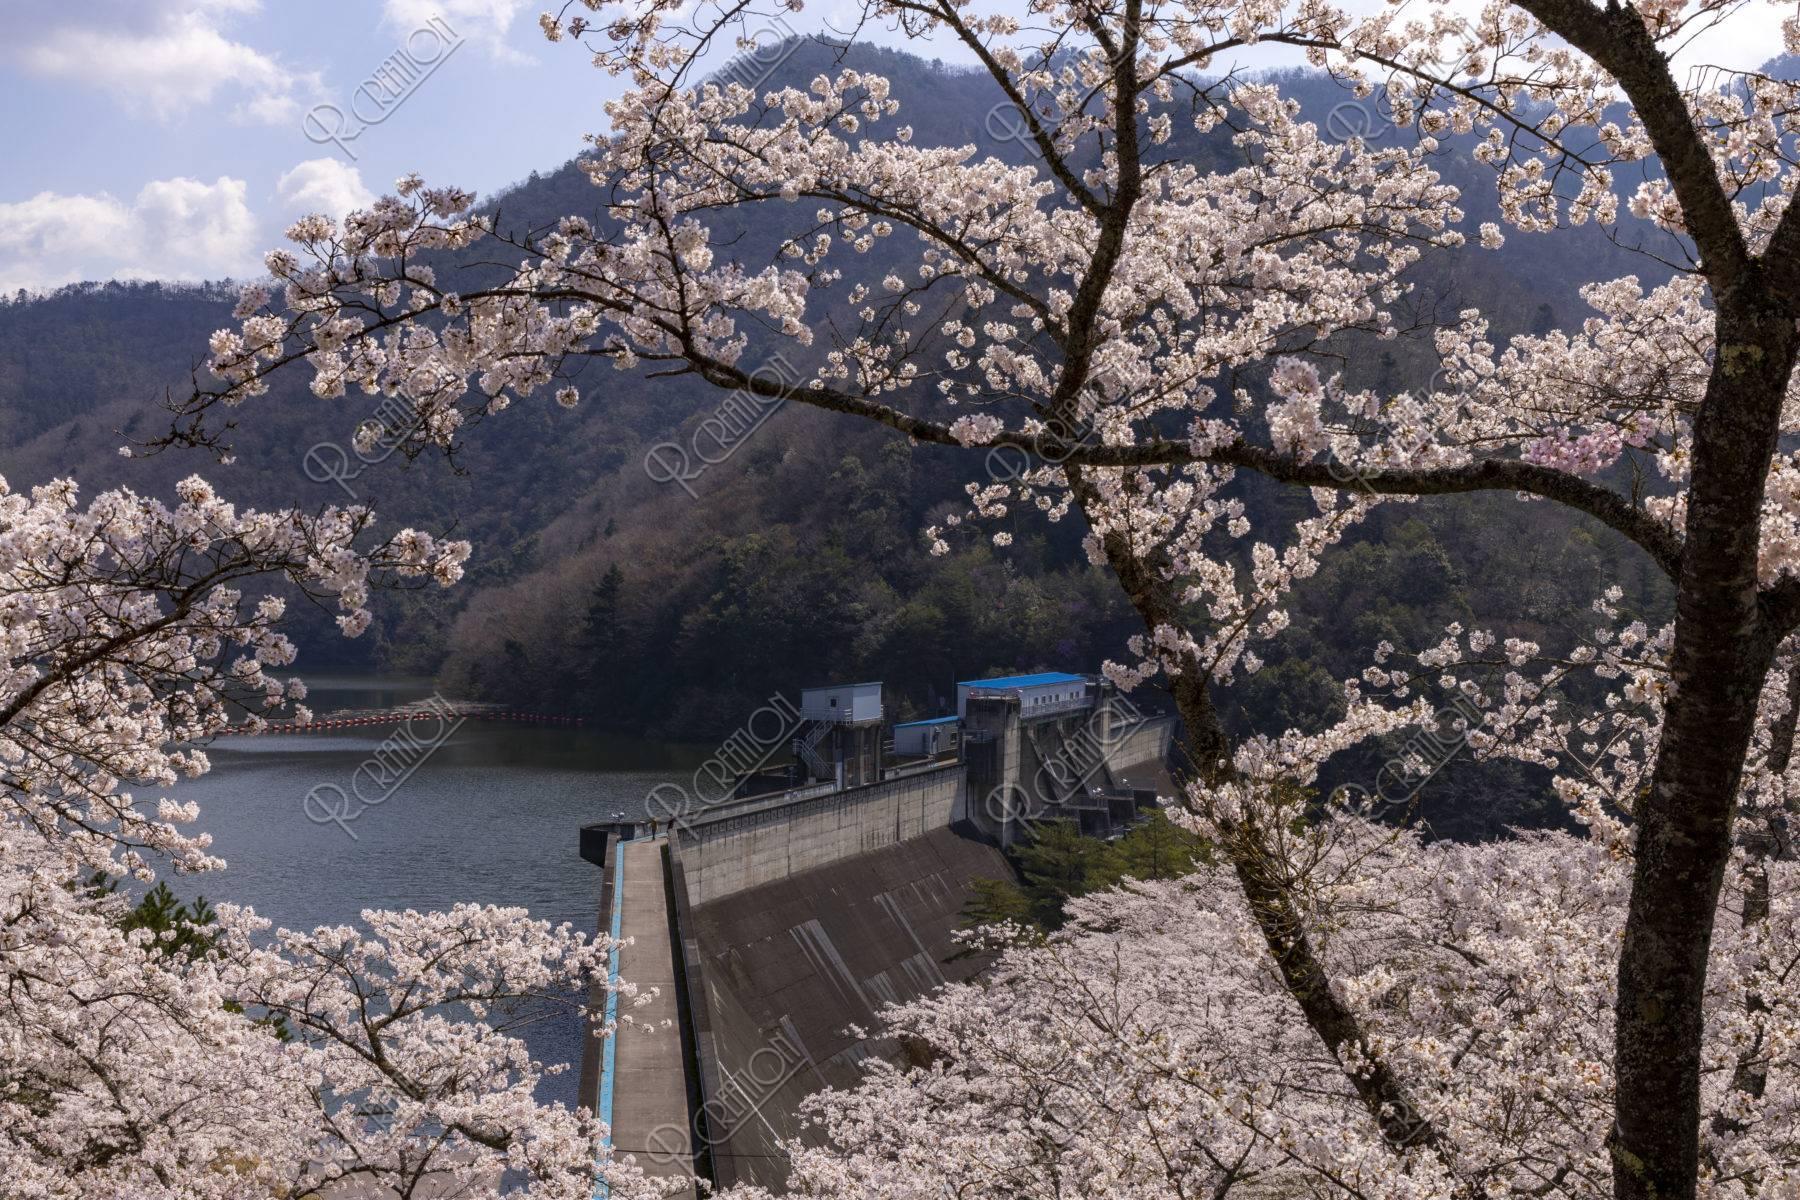 大野ダムと桜